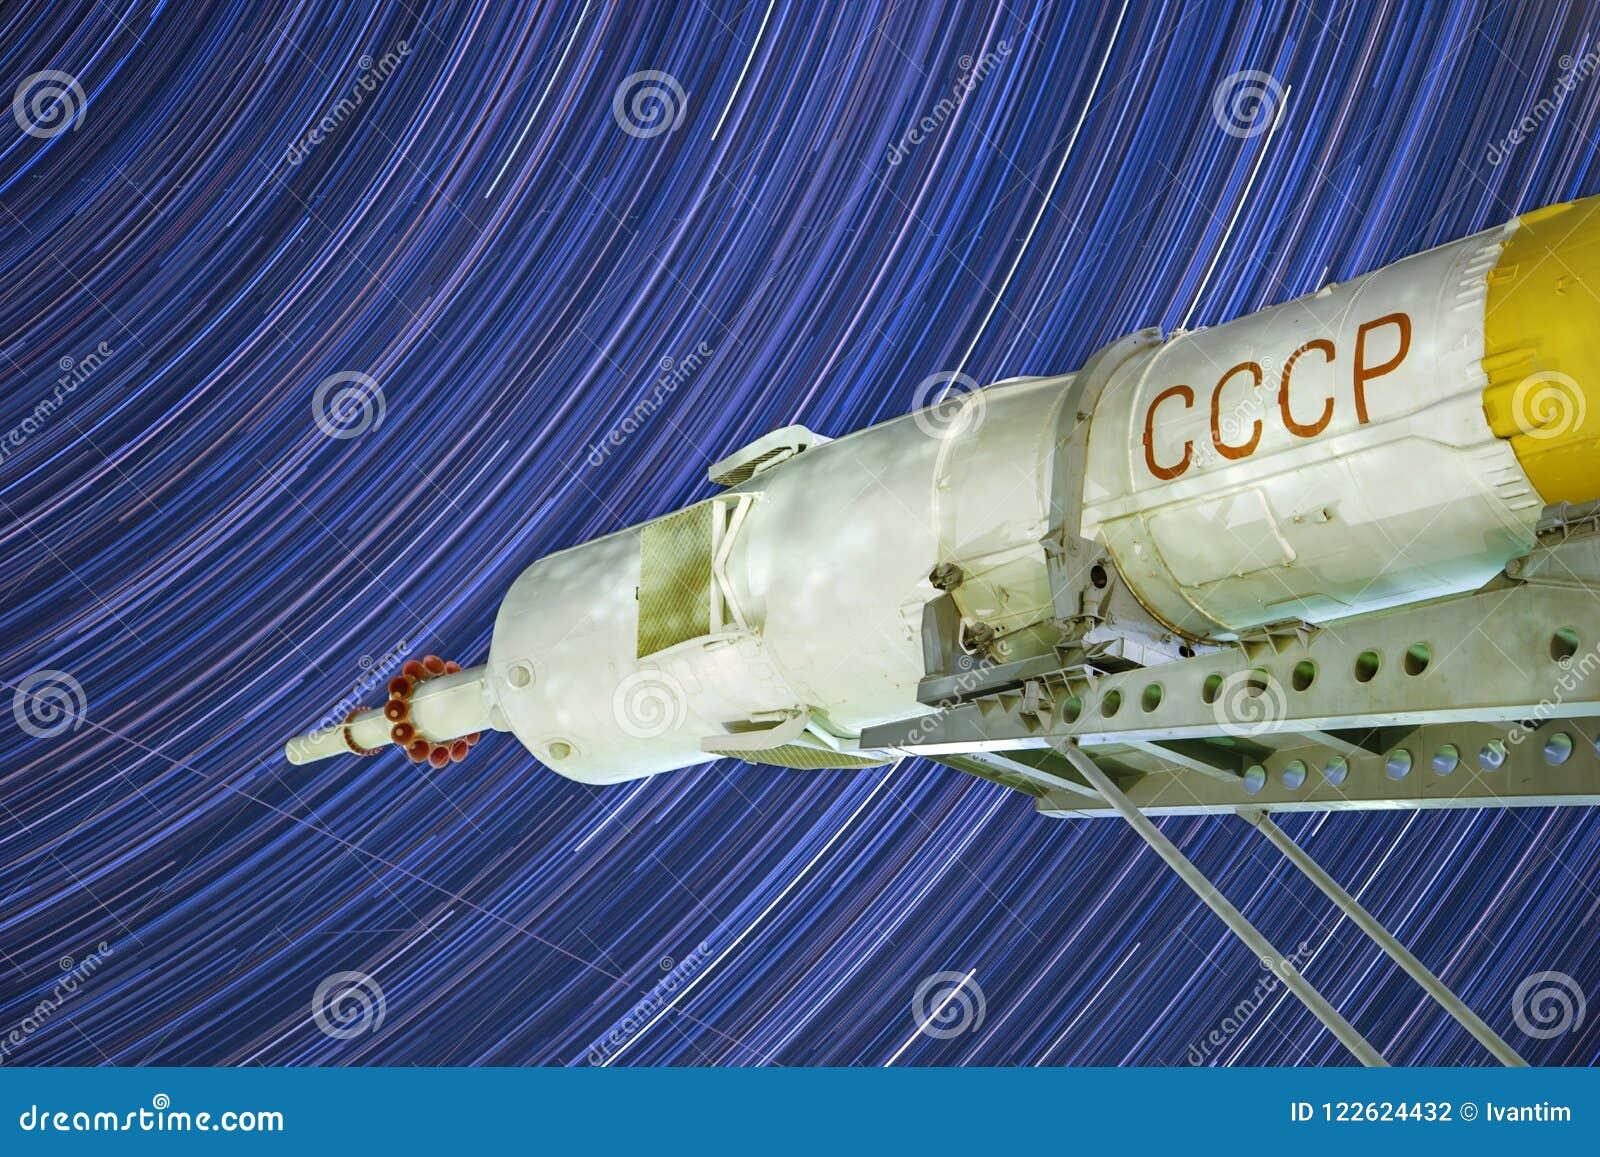 Monumento ao foguete de Soyuz Terceiro estágio Nave espacial equipada Fundo de Startrails